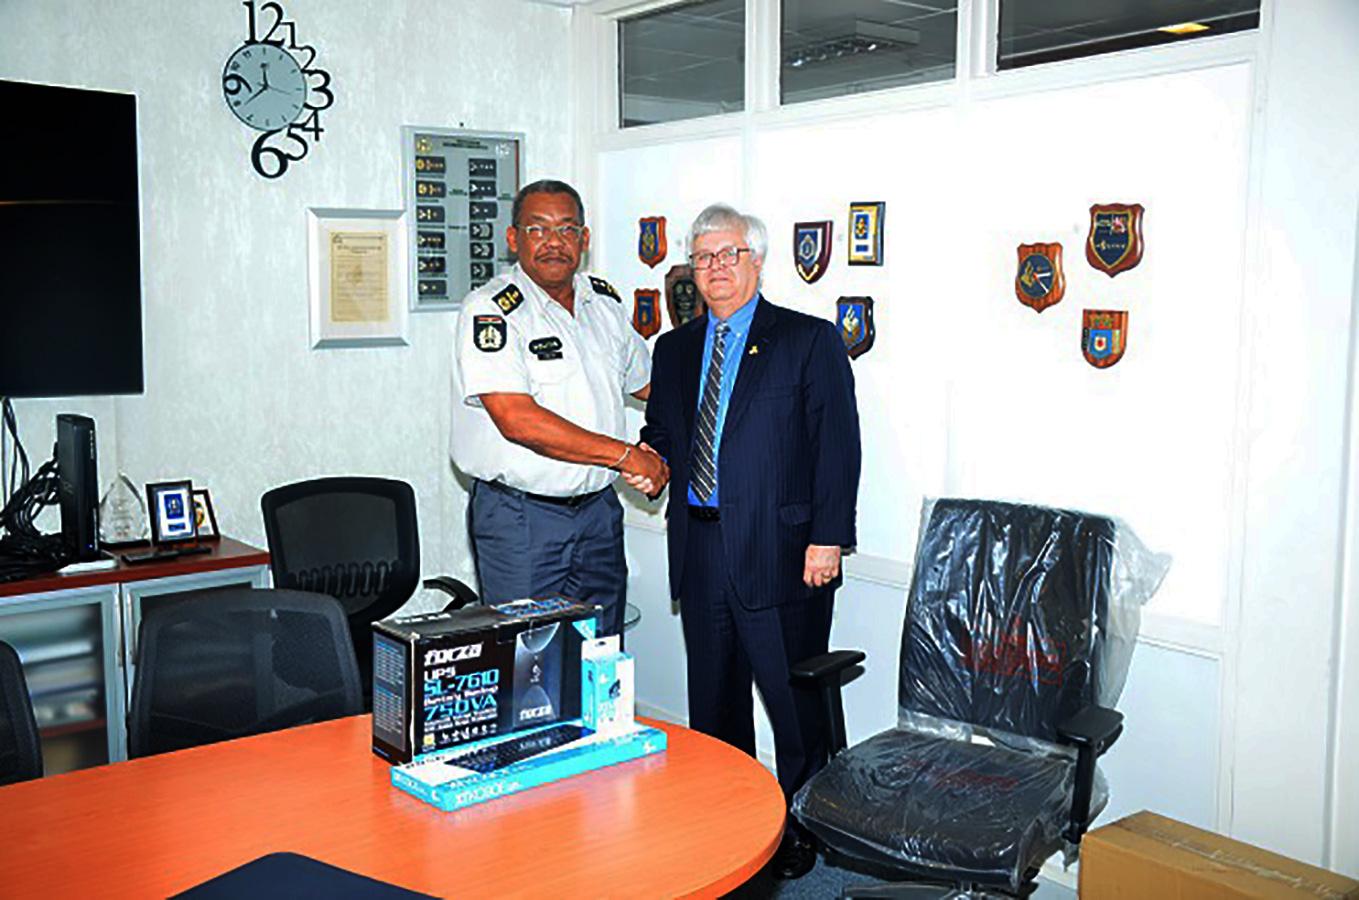 Zowel de wnd. Korpschef en de Ambassadeur waren ingenomen met het bezoek. (Foto: KPS)